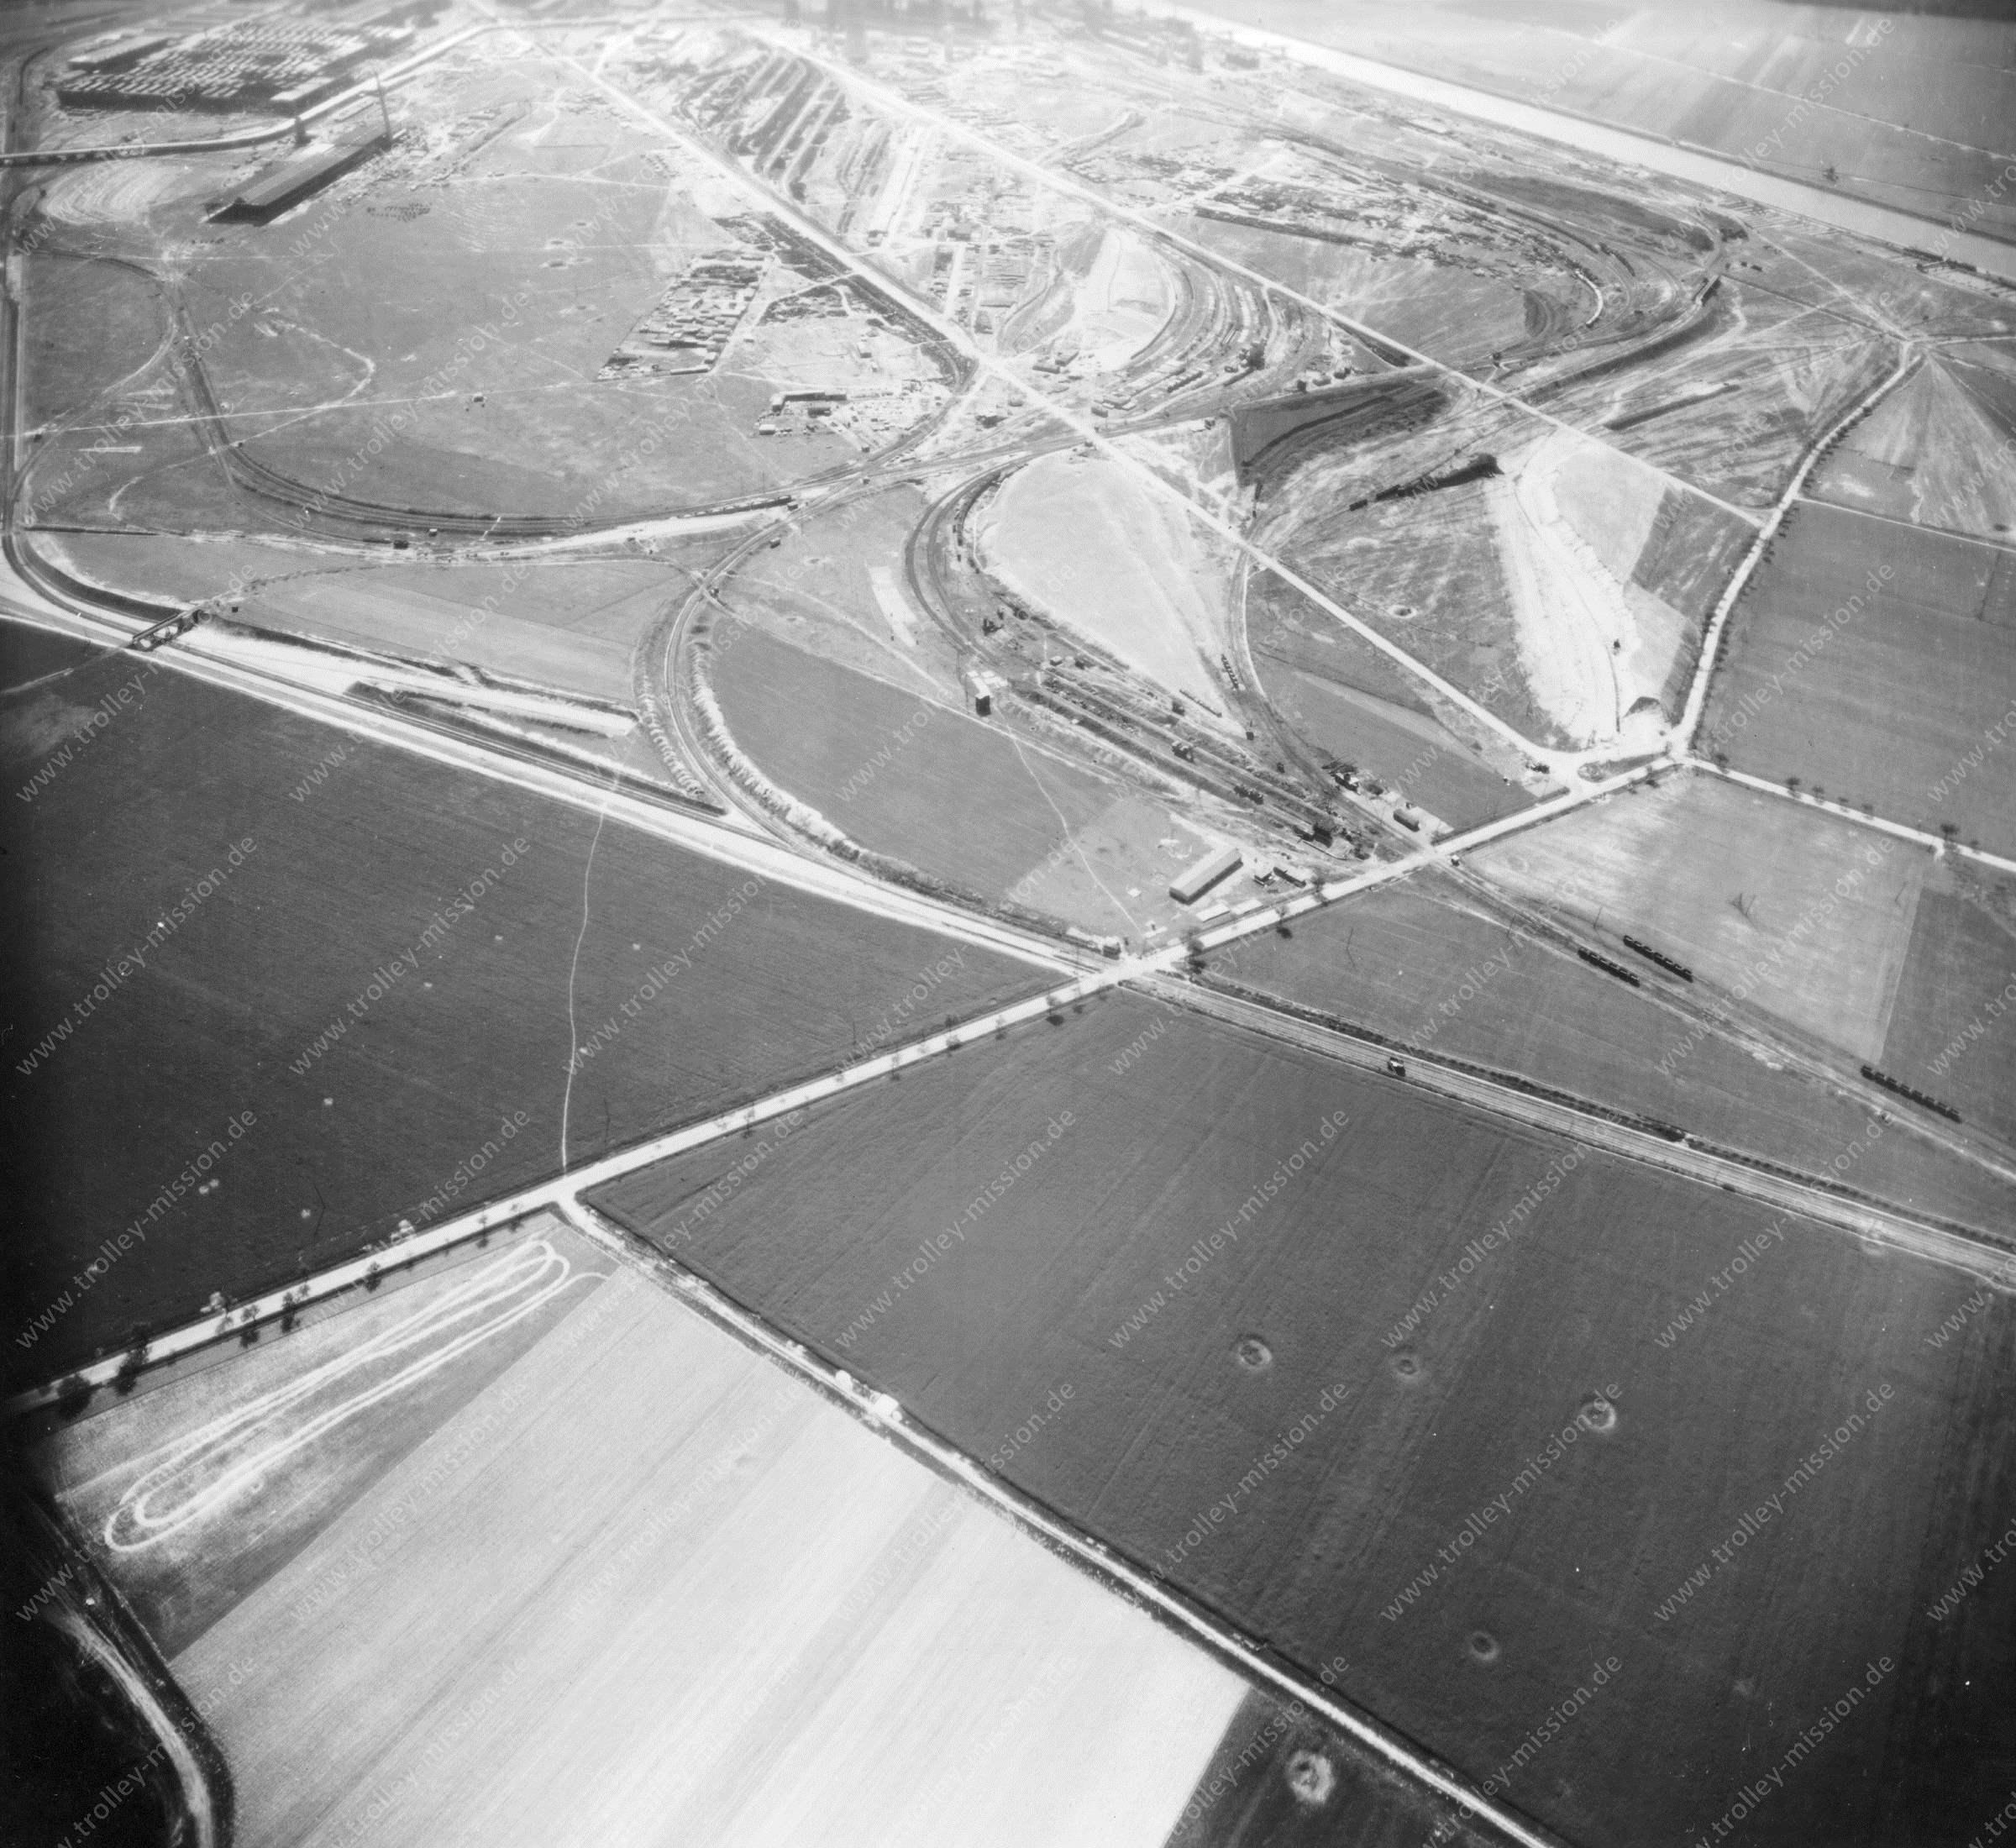 Luftbild der Hermann Göring Reichswerke AG für Erzbergbau und Eisenhütten in Salzgitter am 12. Mai 1945 - Luftbildserie 1/7 der US Luftwaffe